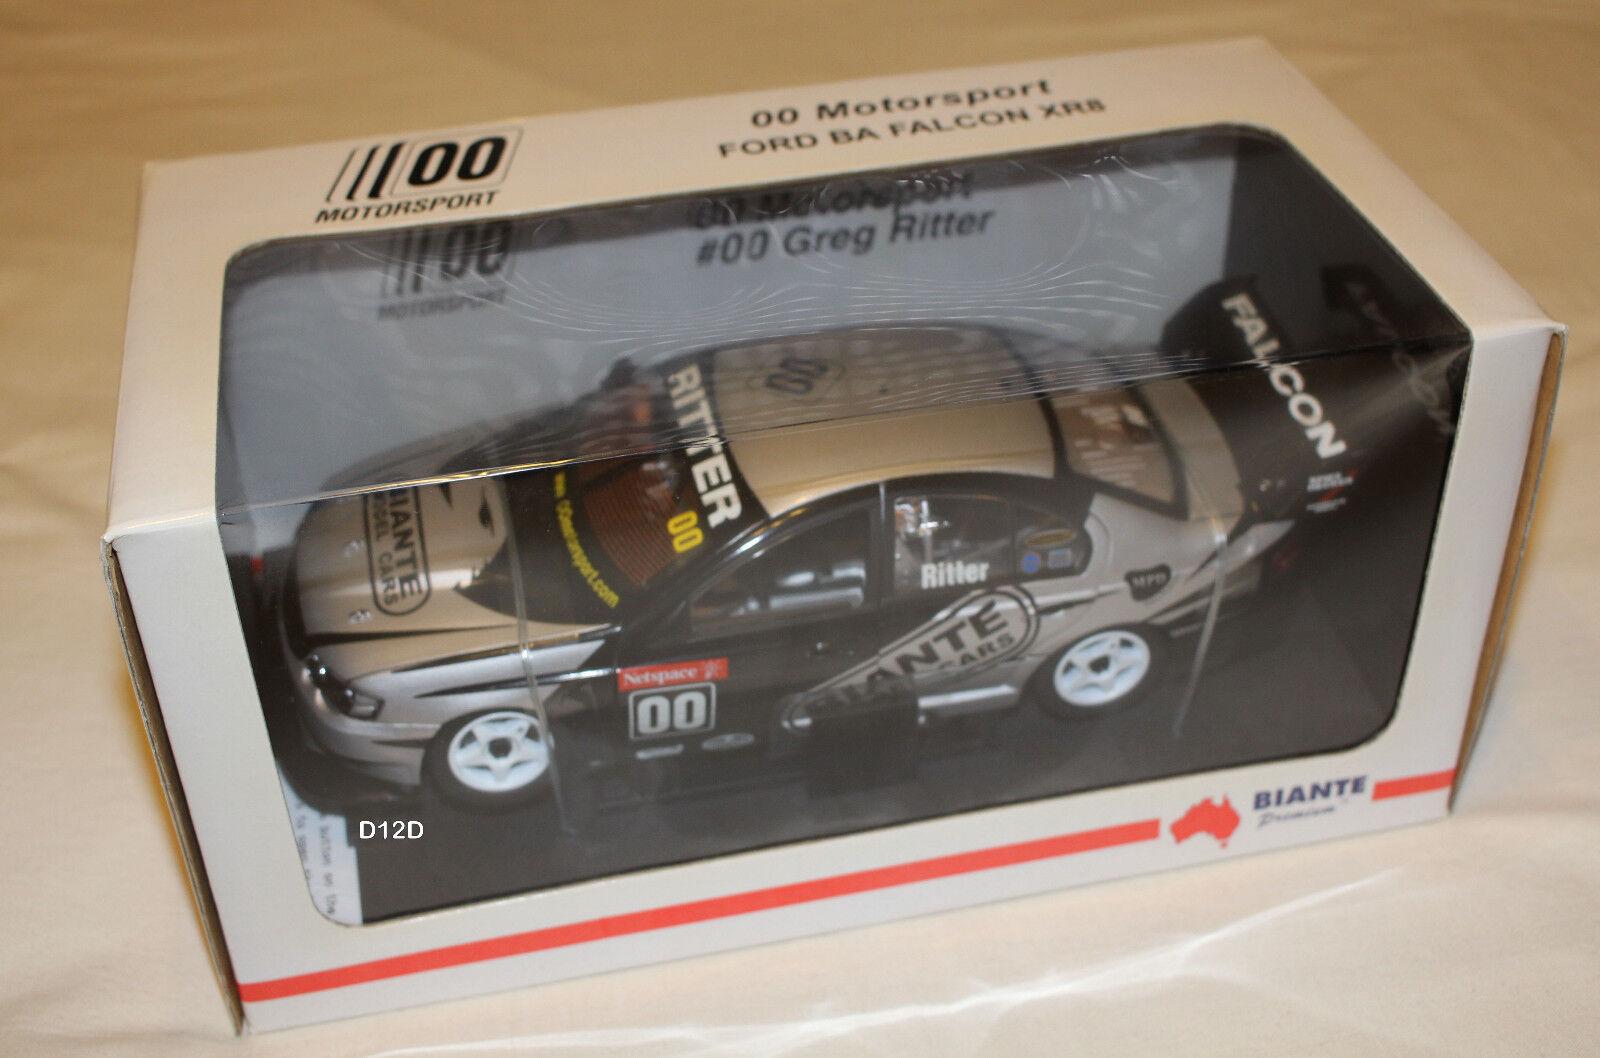 Greg Ritter Ritter Ritter 2003 00 Motorsport Ford BA Falcon V8 Supercar 1 18 Biante 6c6e83